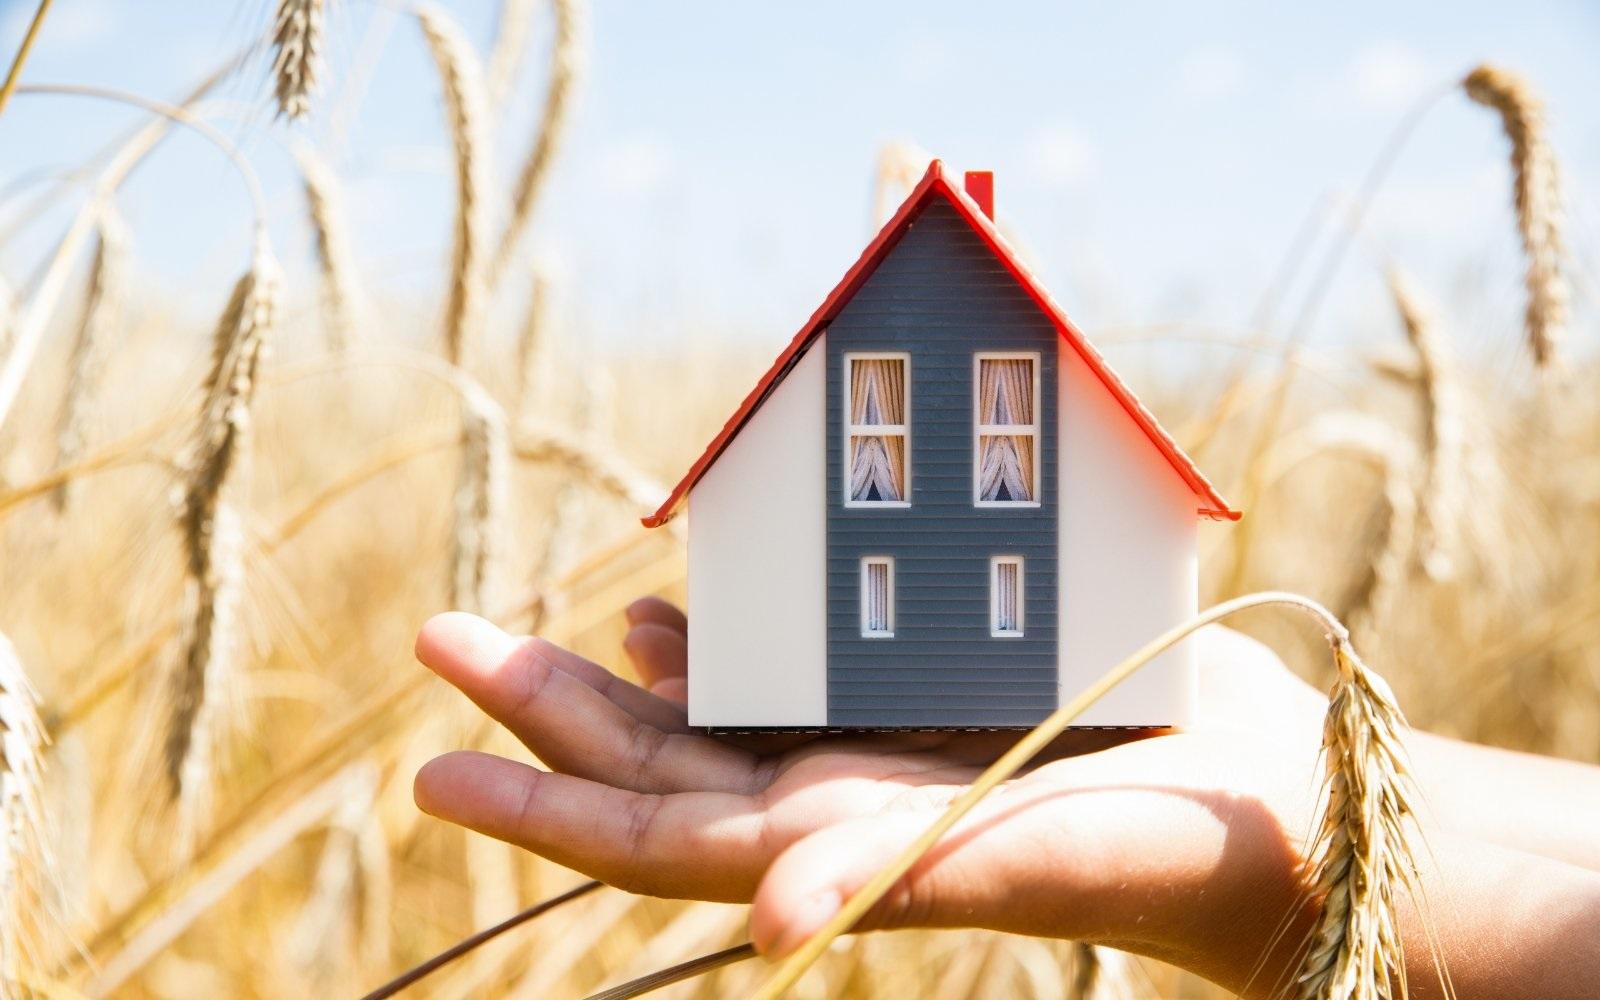 В Марий Эл реализуется 95 проектов по благоустройству сельских населенных пунктов